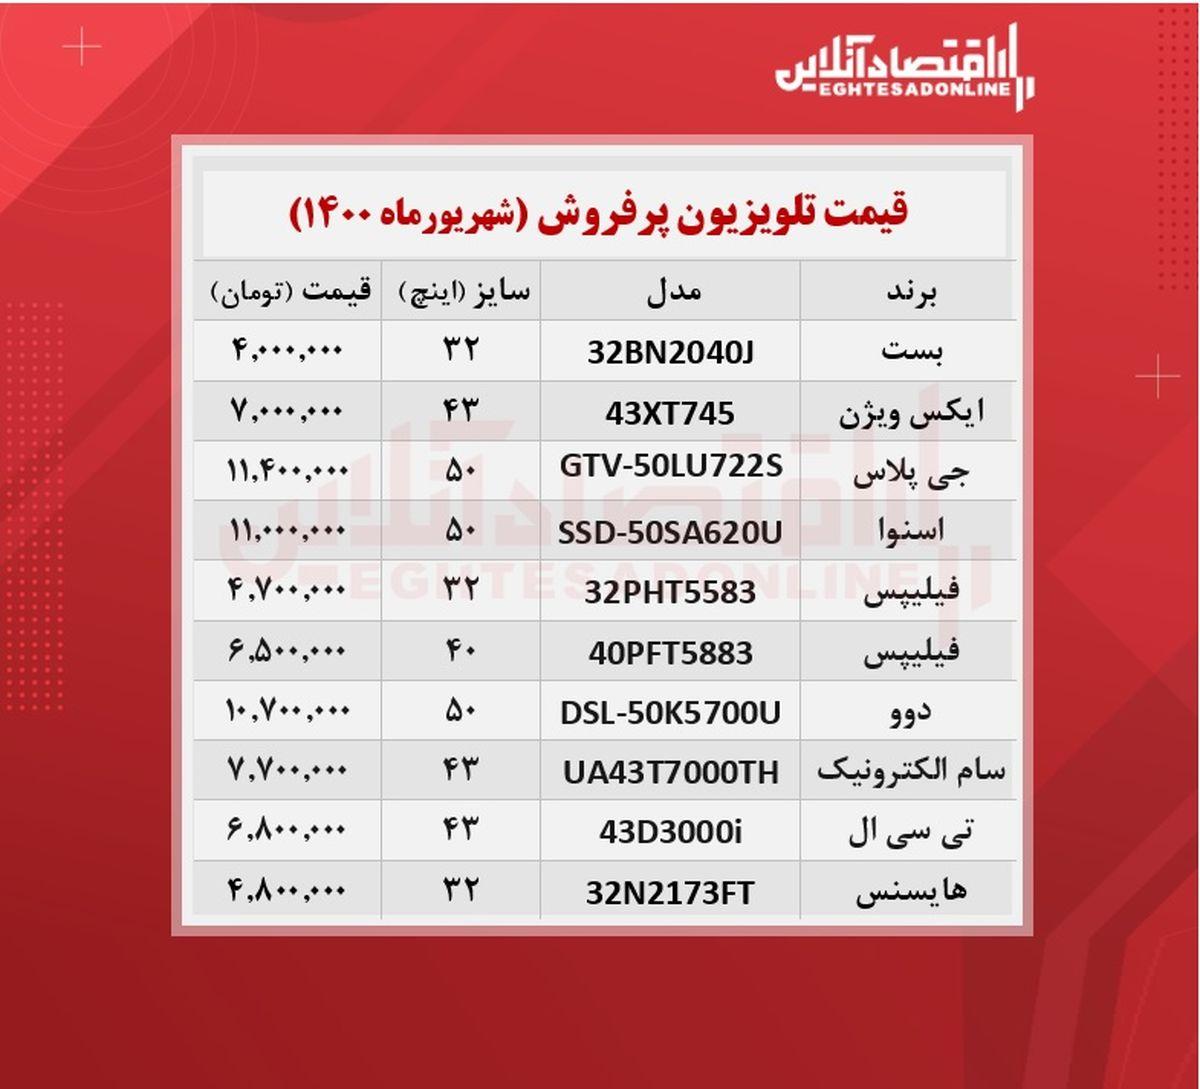 پرطرفدارترین تلویزیون های بازار چند؟ / ۷شهریورماه